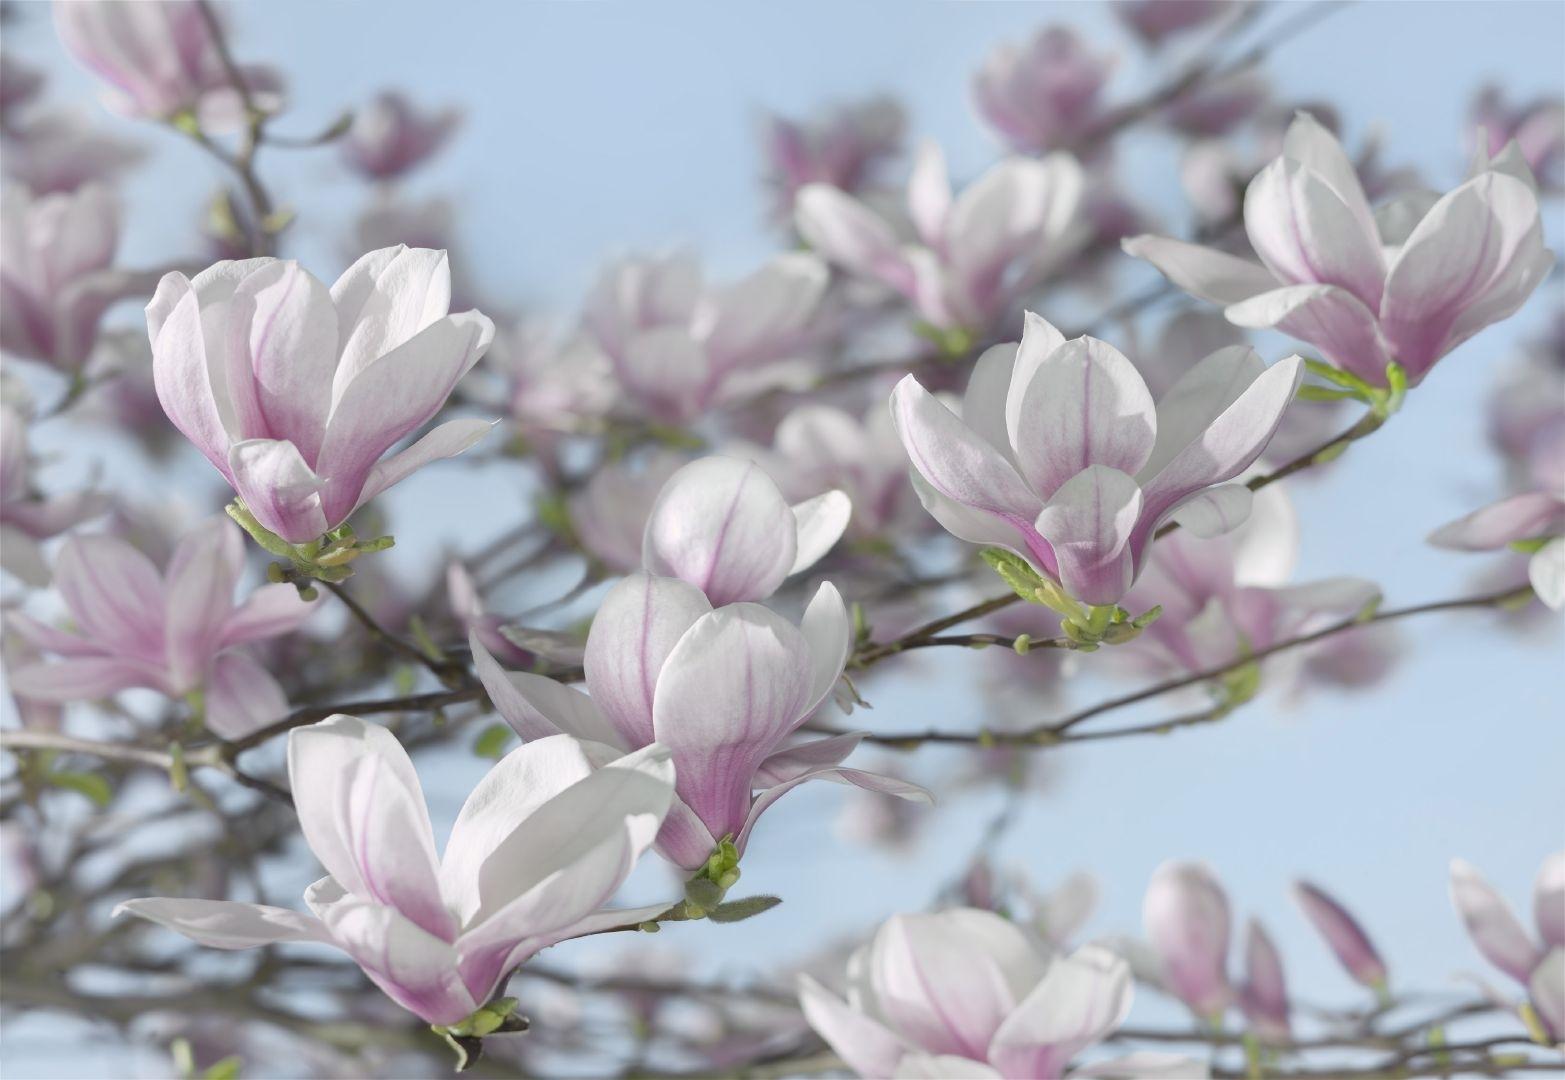 magnolia botanica